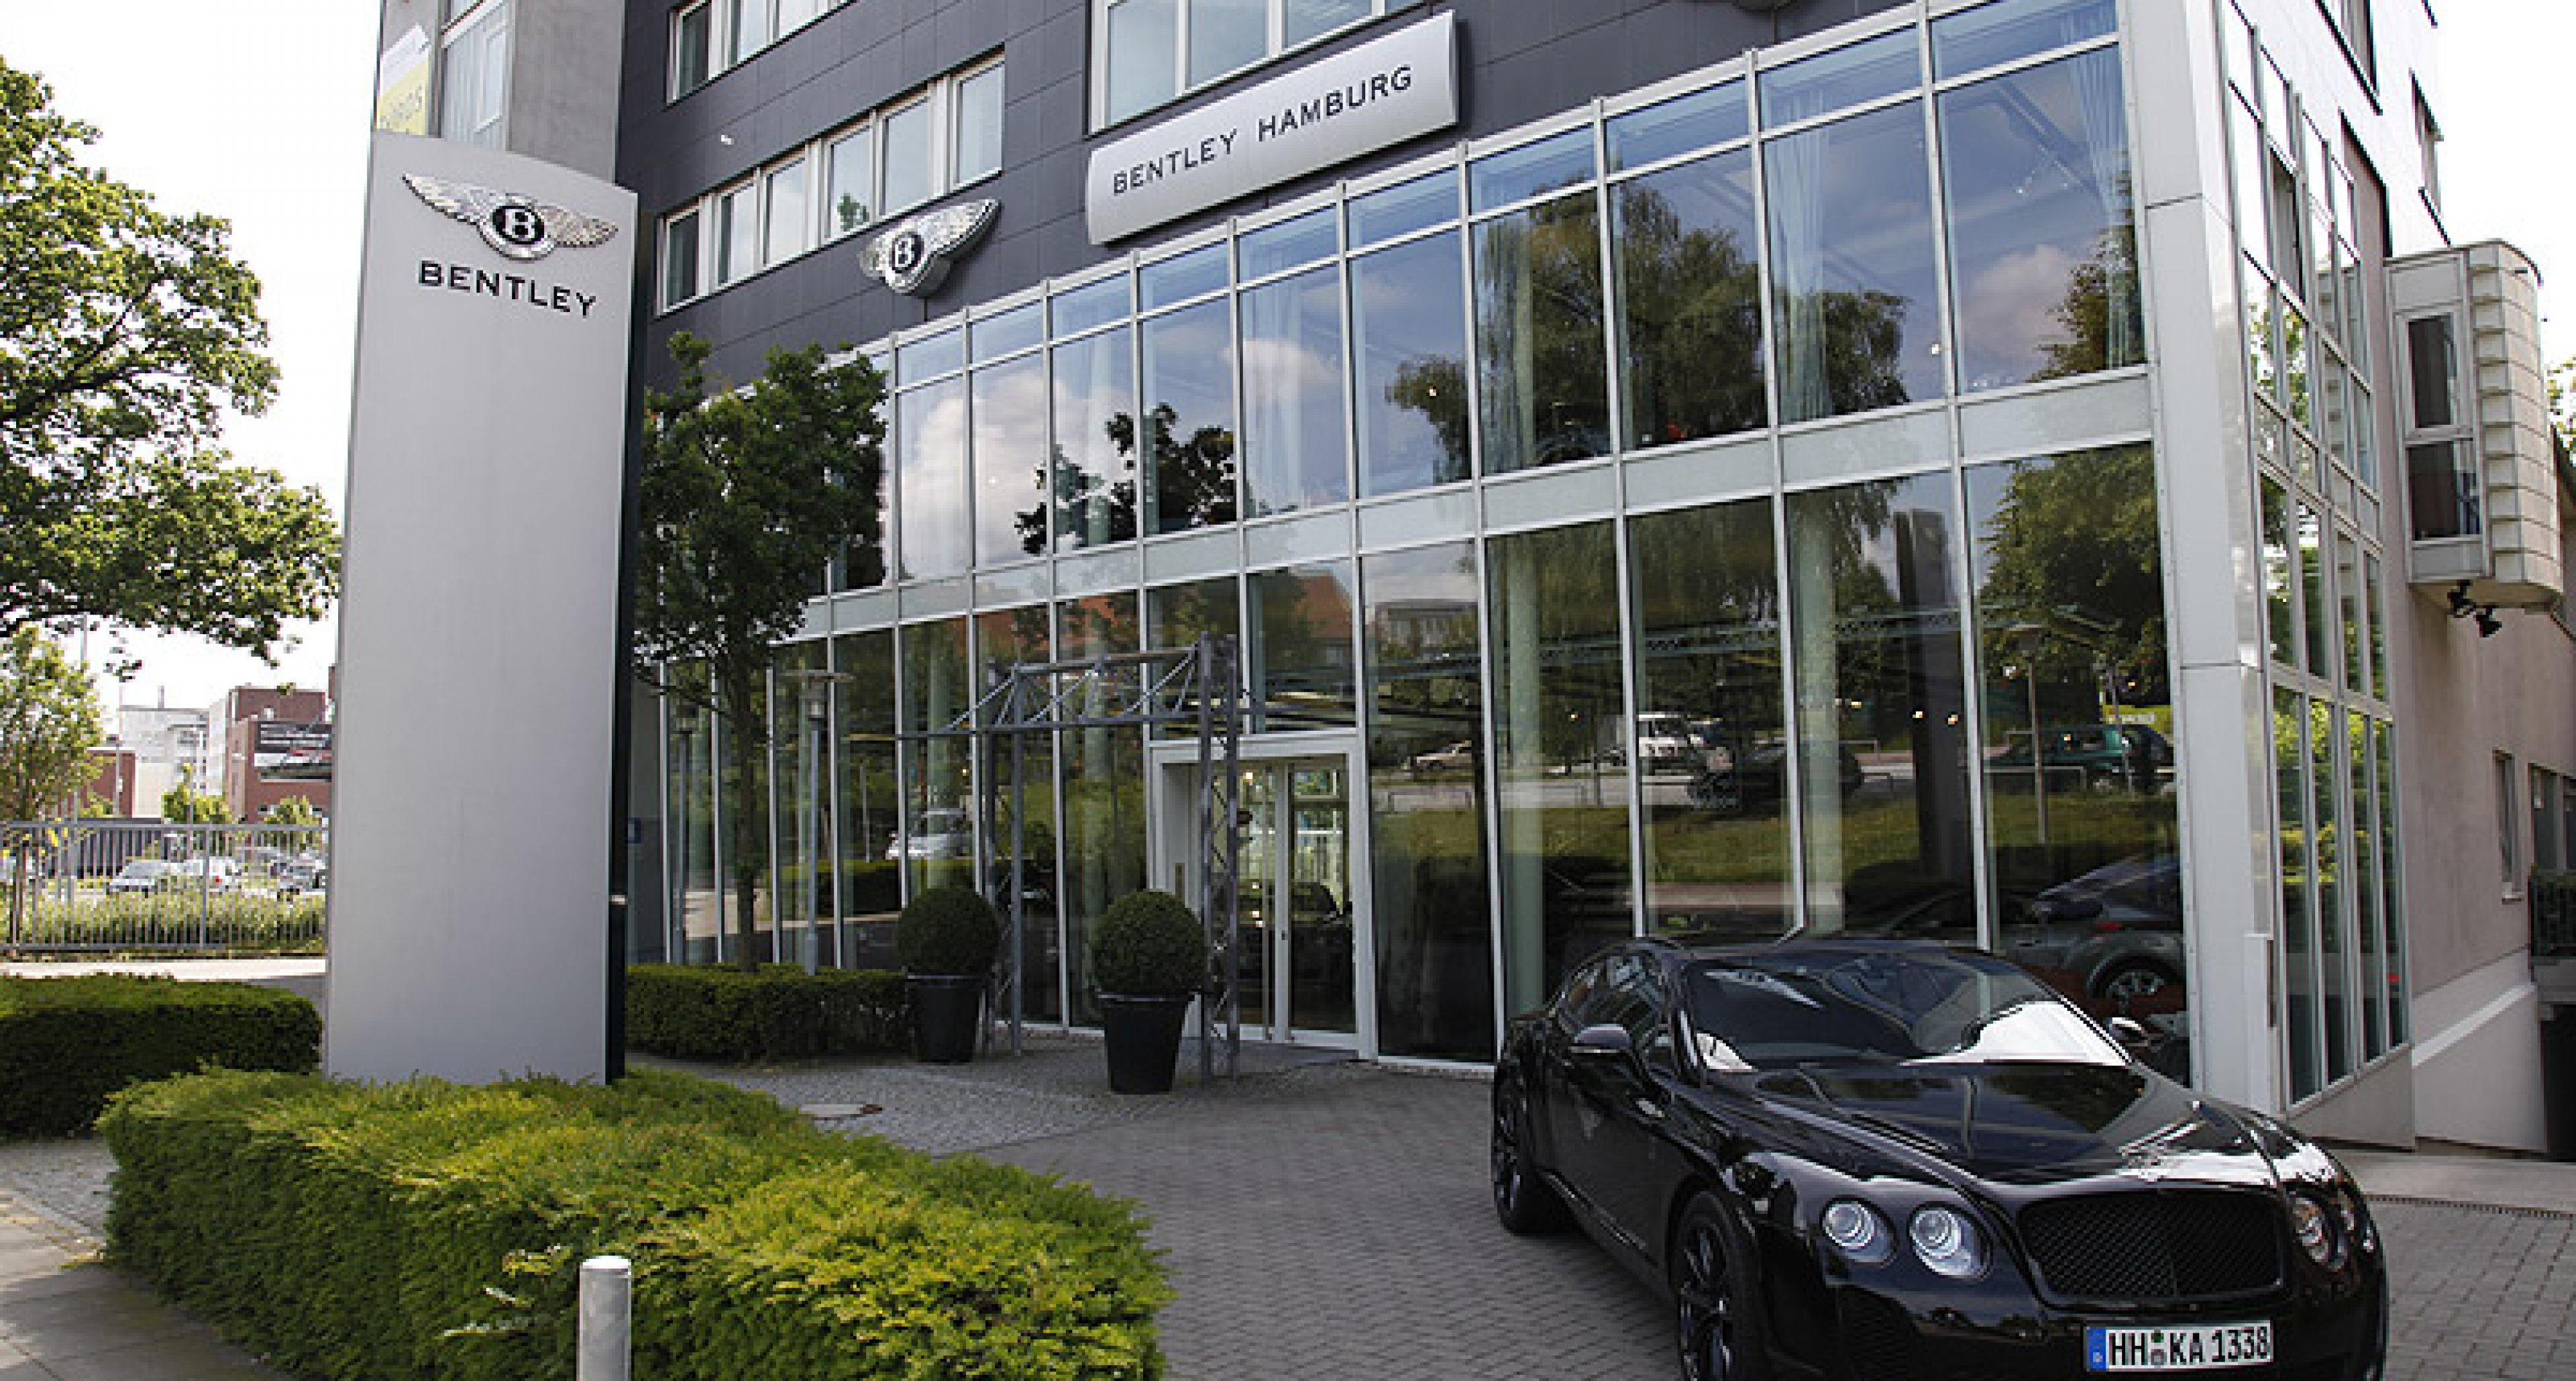 Händlerportrait: Bentley Hamburg am Airport